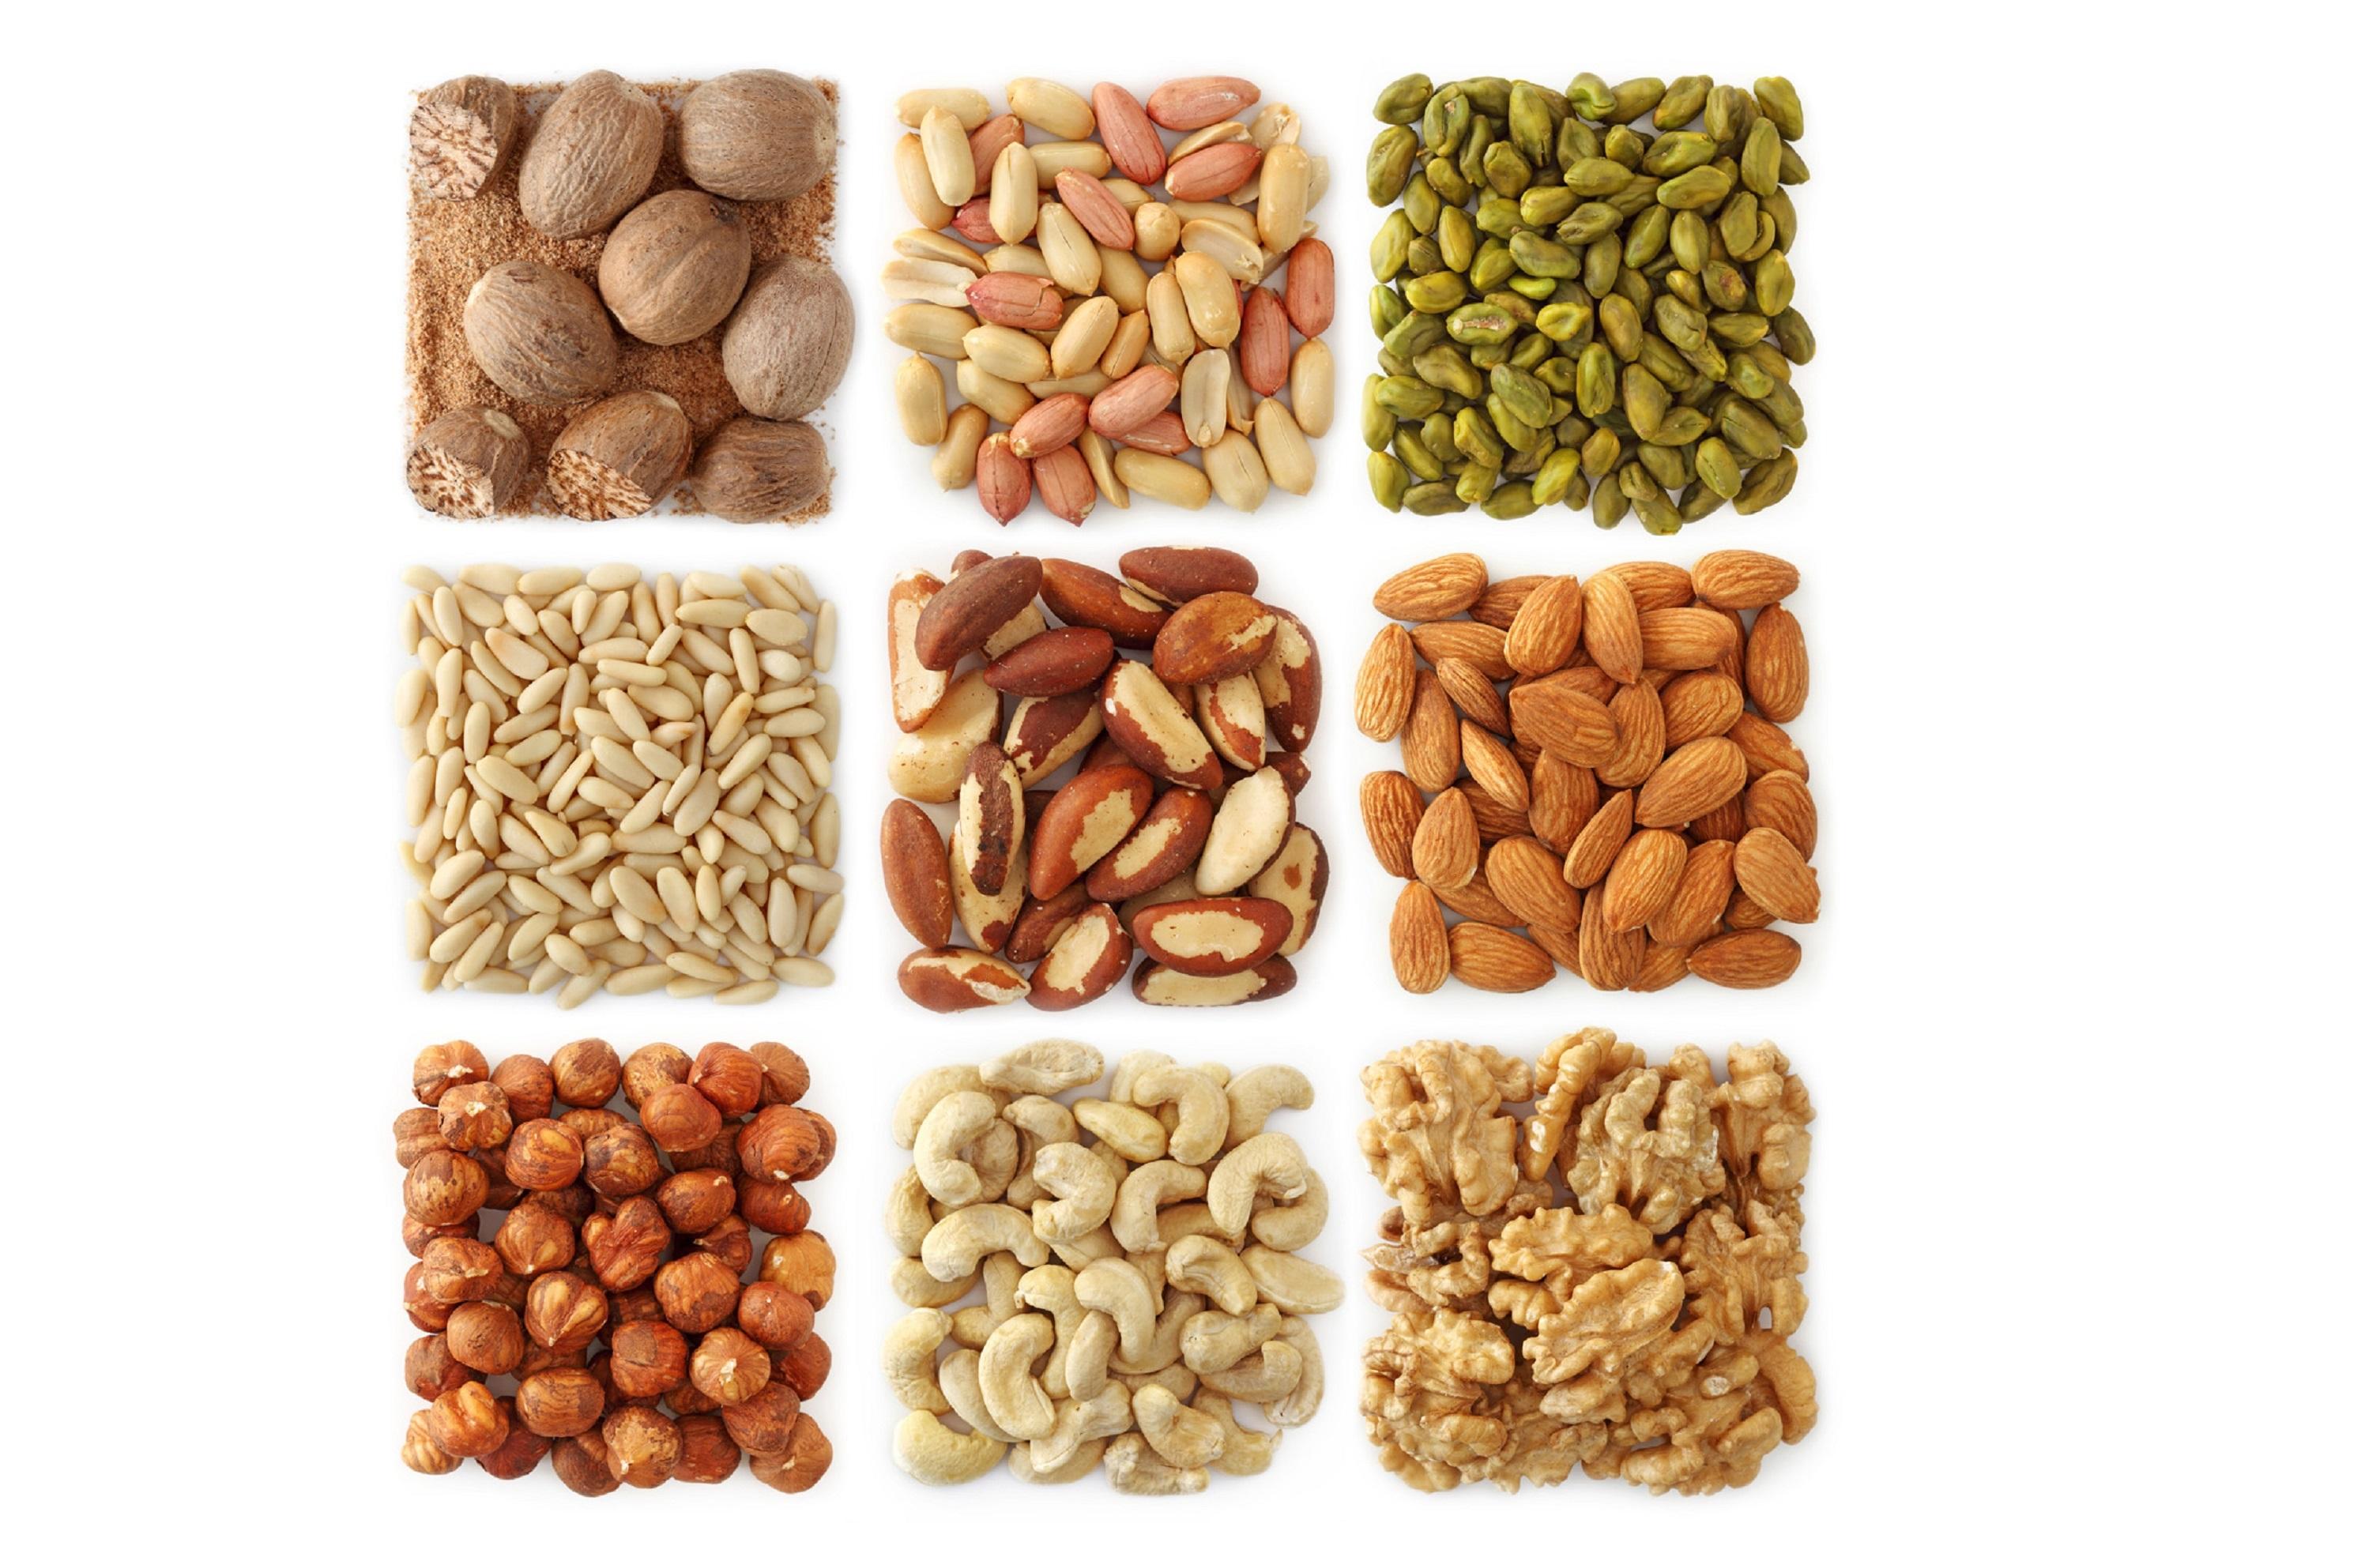 Nuts Hd Wallpaper